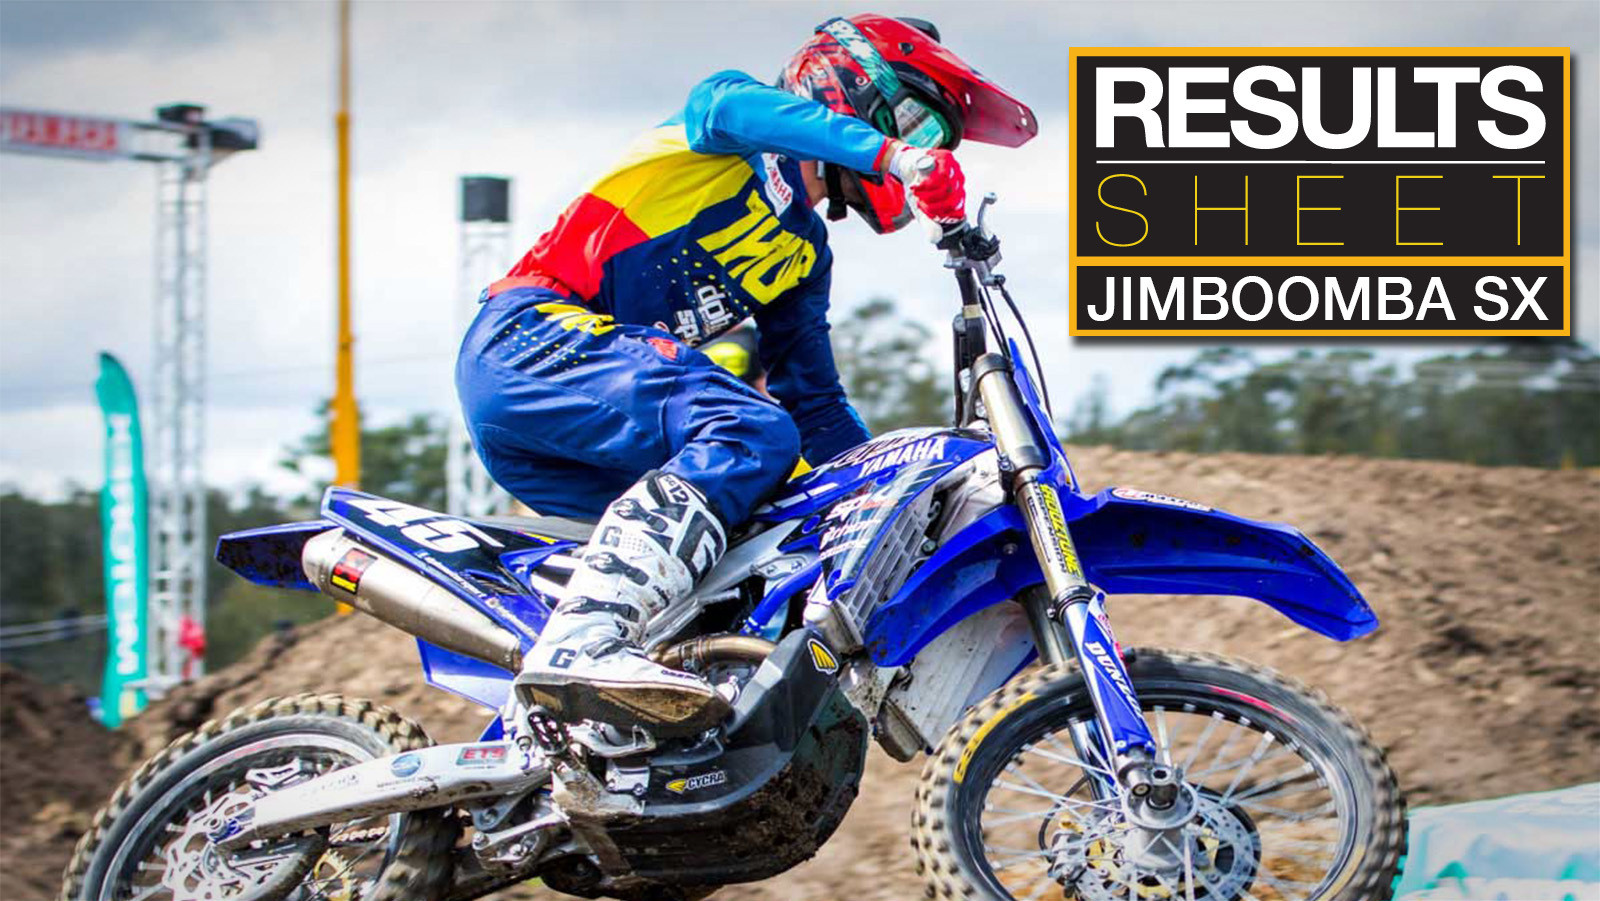 Results Sheet: 2017 Australian Supercross Championship - Jimboomba